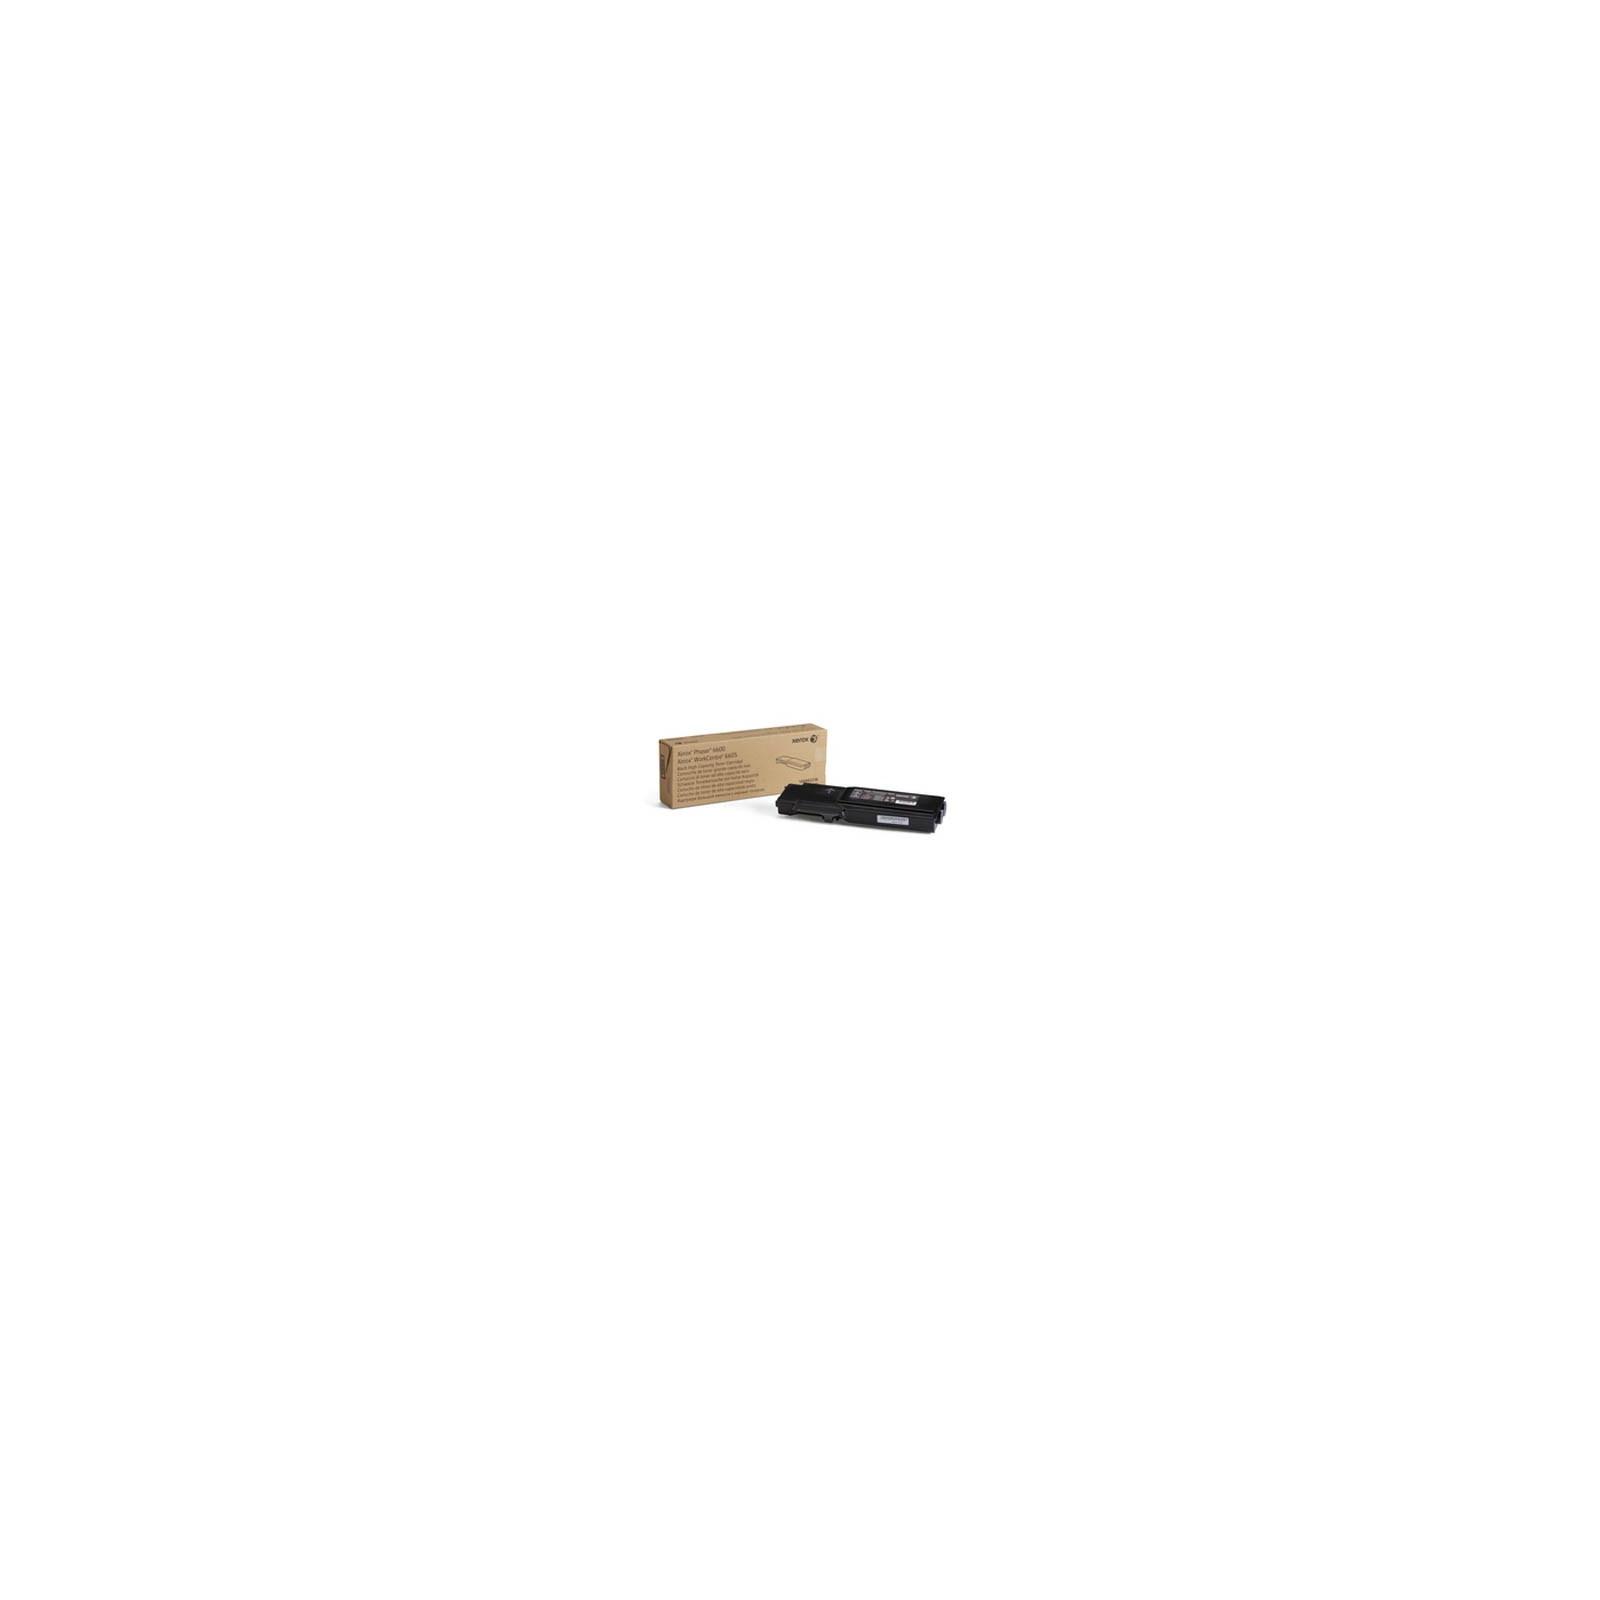 Тонер-картридж XEROX PH6600/ WC6605 Black (106R02252)